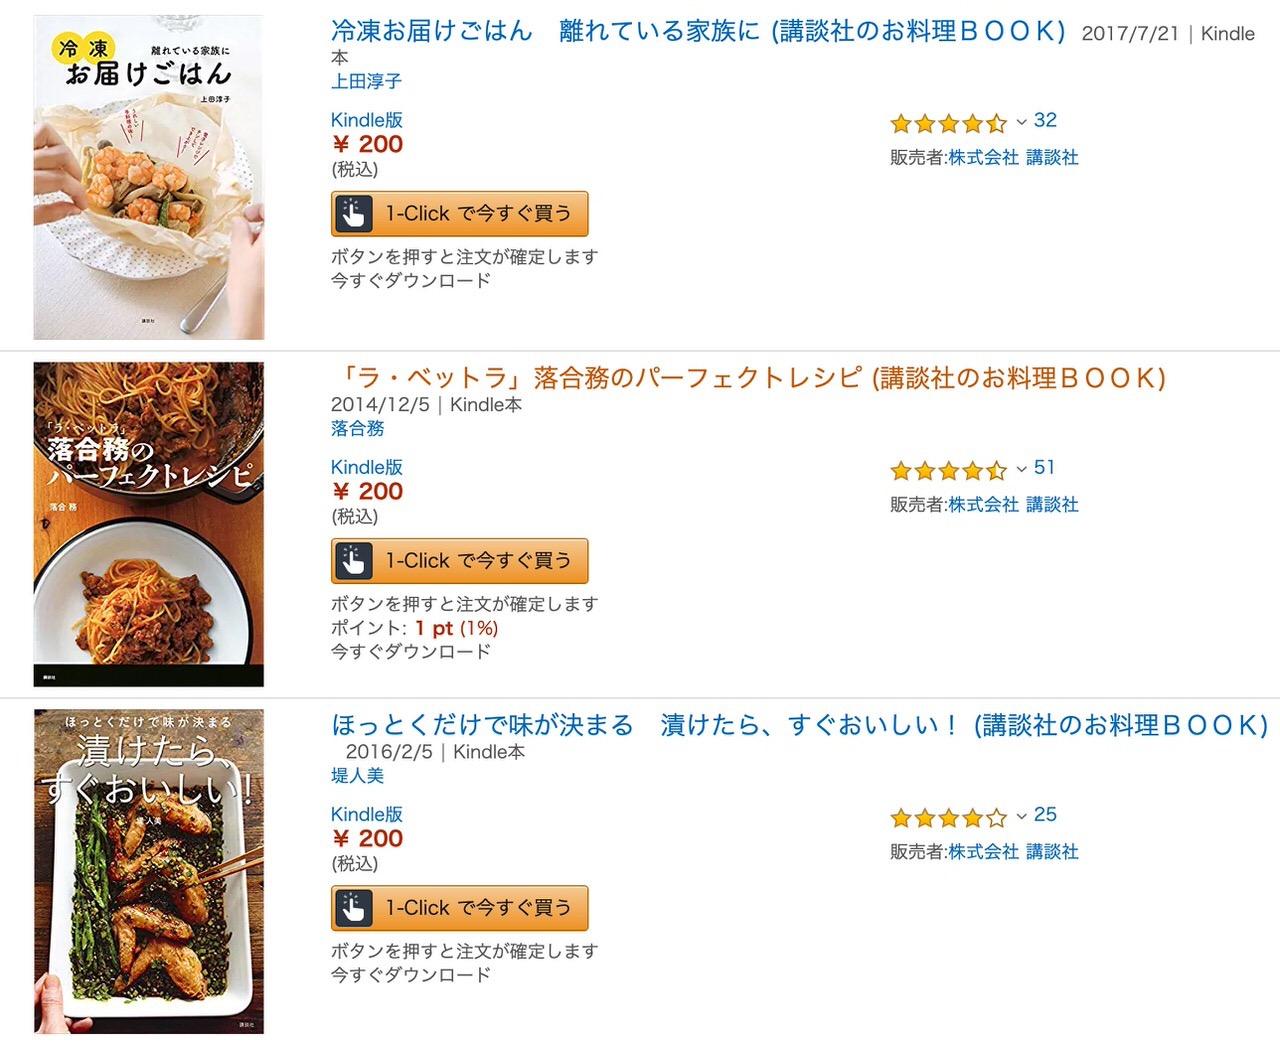 【Kindleセール】対象は178冊「春のレシピ本200円均一祭り」(4/30まで)